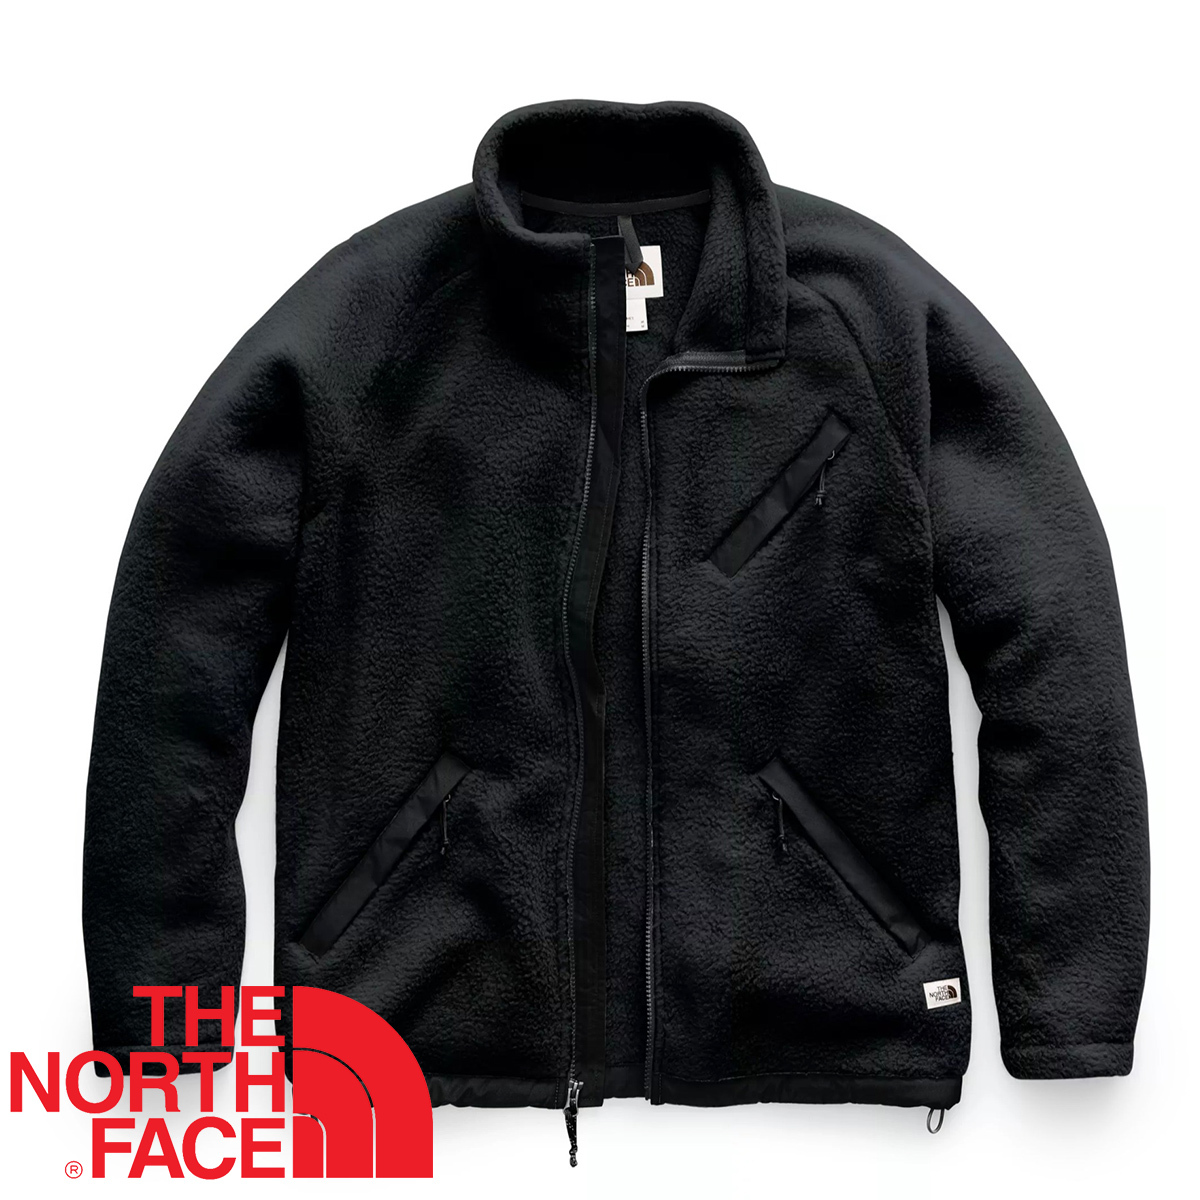 【新品本物 USA購入】THE NORTH FACE ノースフェイス ■ Cragmont Fleece ■ ブラック / L ■シェルパ フリースジャケット 海外限定_画像2